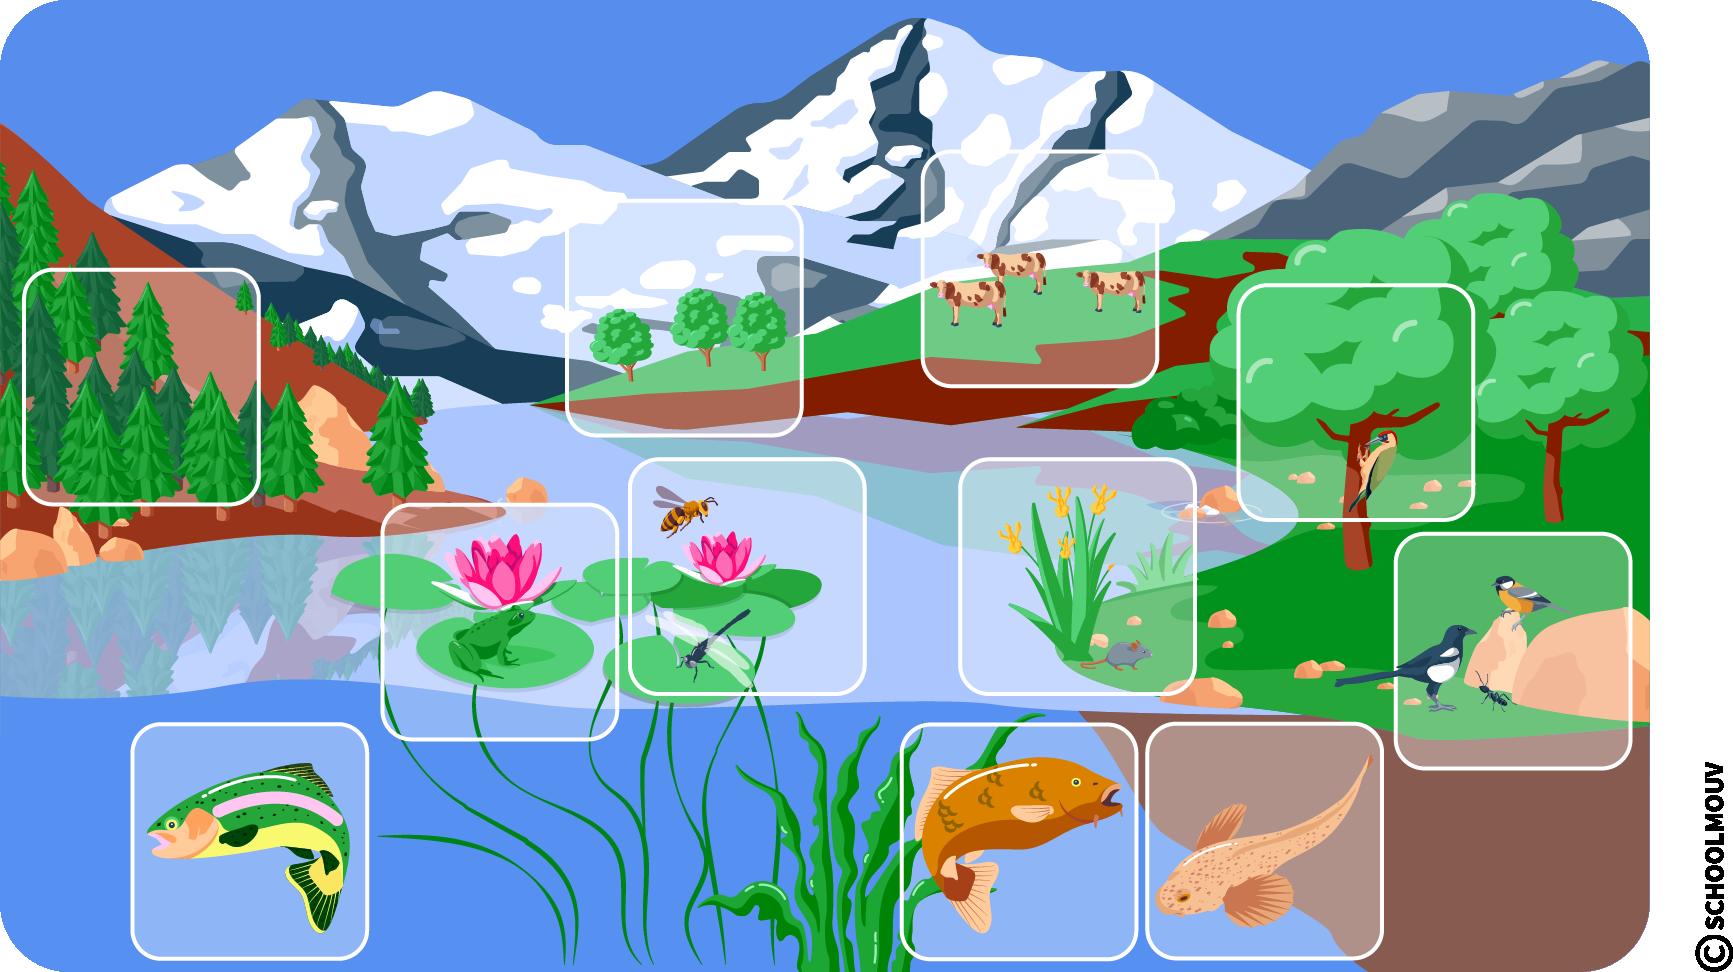 Rivière - Écosystème - Végétaux - Animaux - Lieu de vie - Montagne - Poissons - Oiseaux - Bovins - SchoolMouv - Sciences - CM1